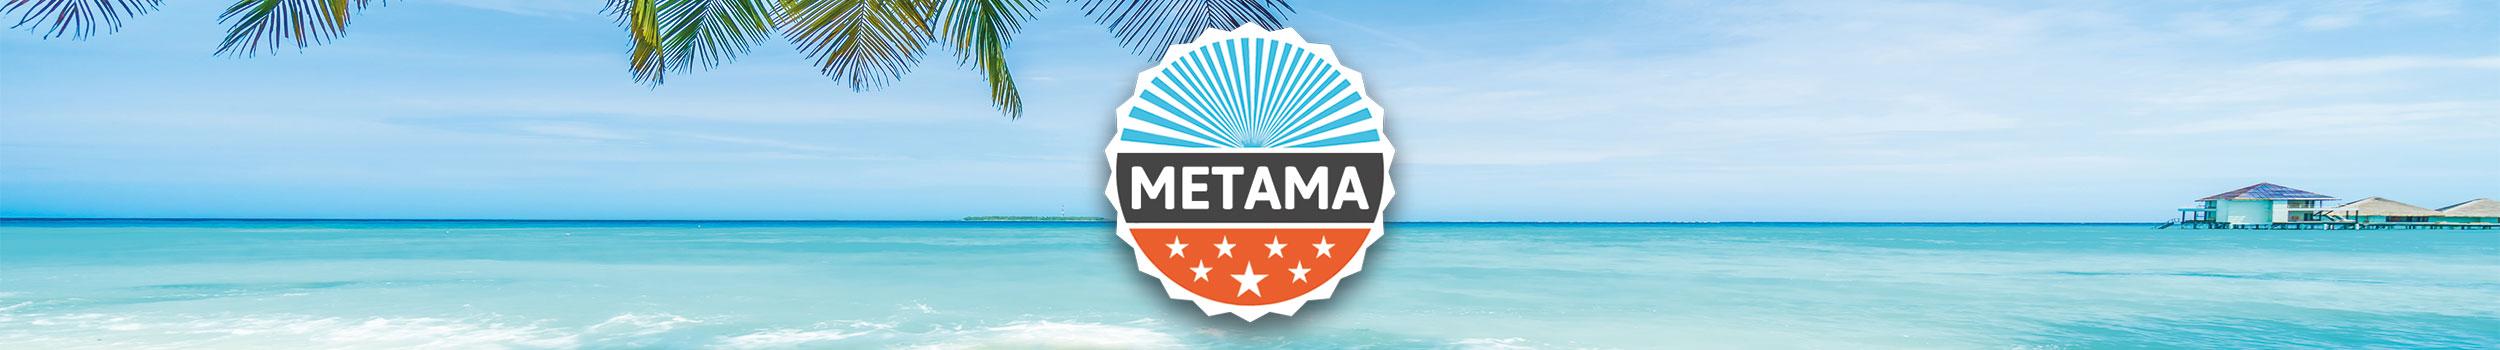 METAMA